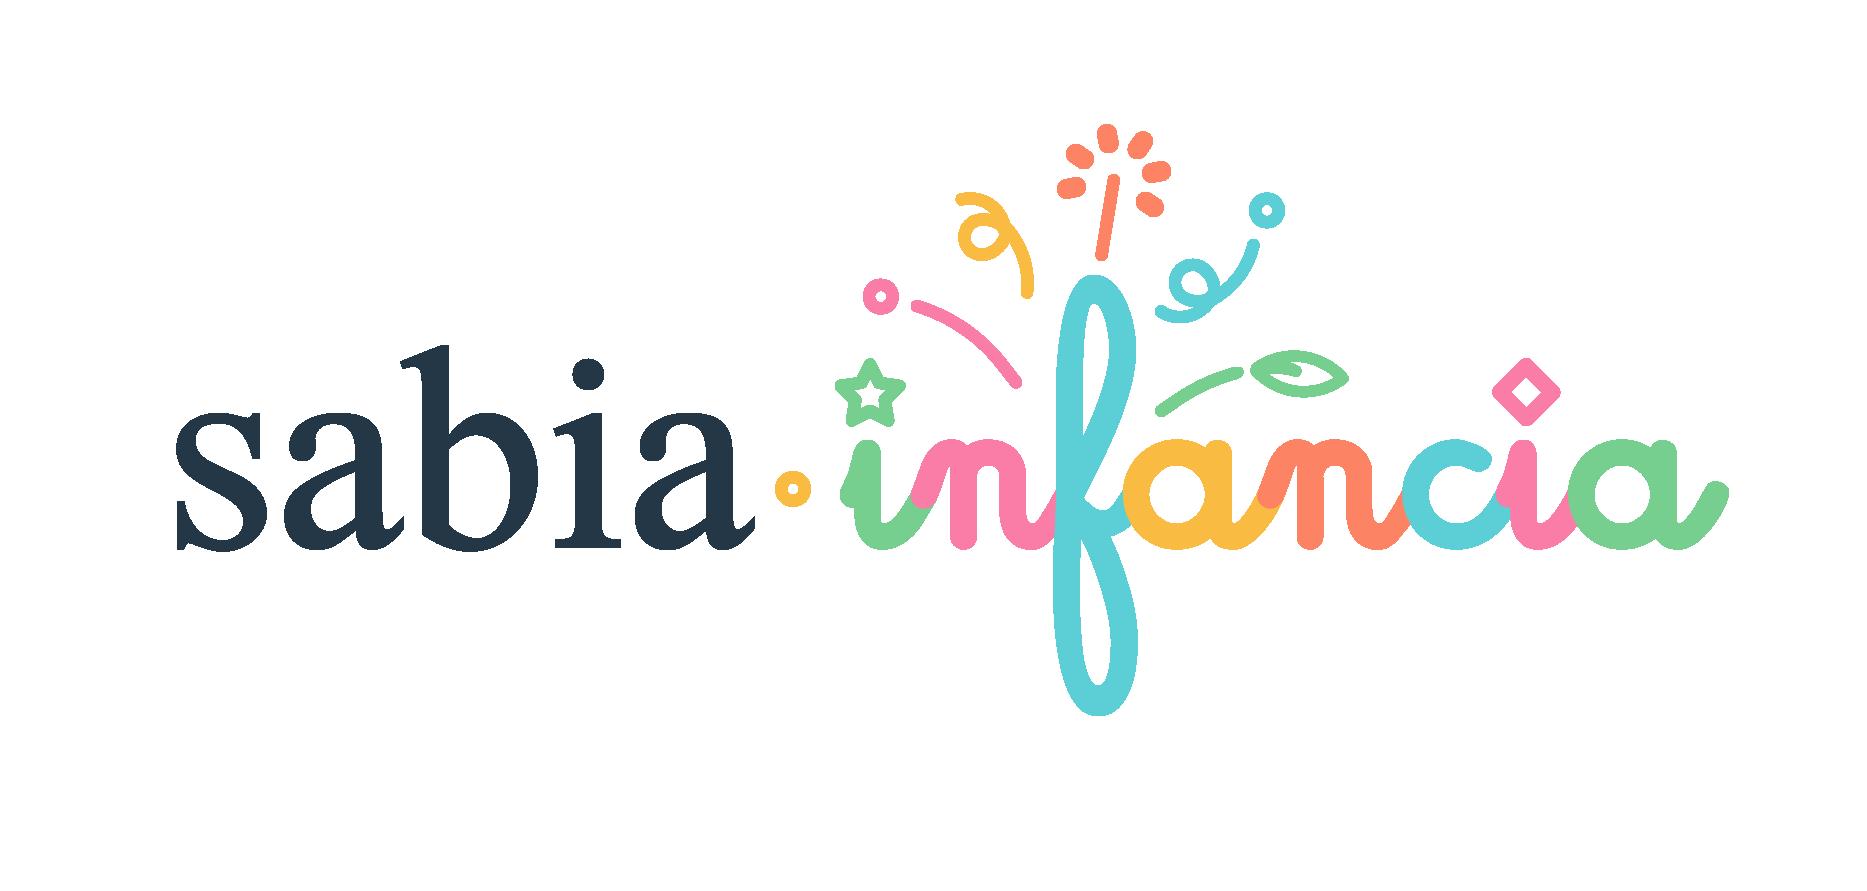 SABIAINFANCIA Original